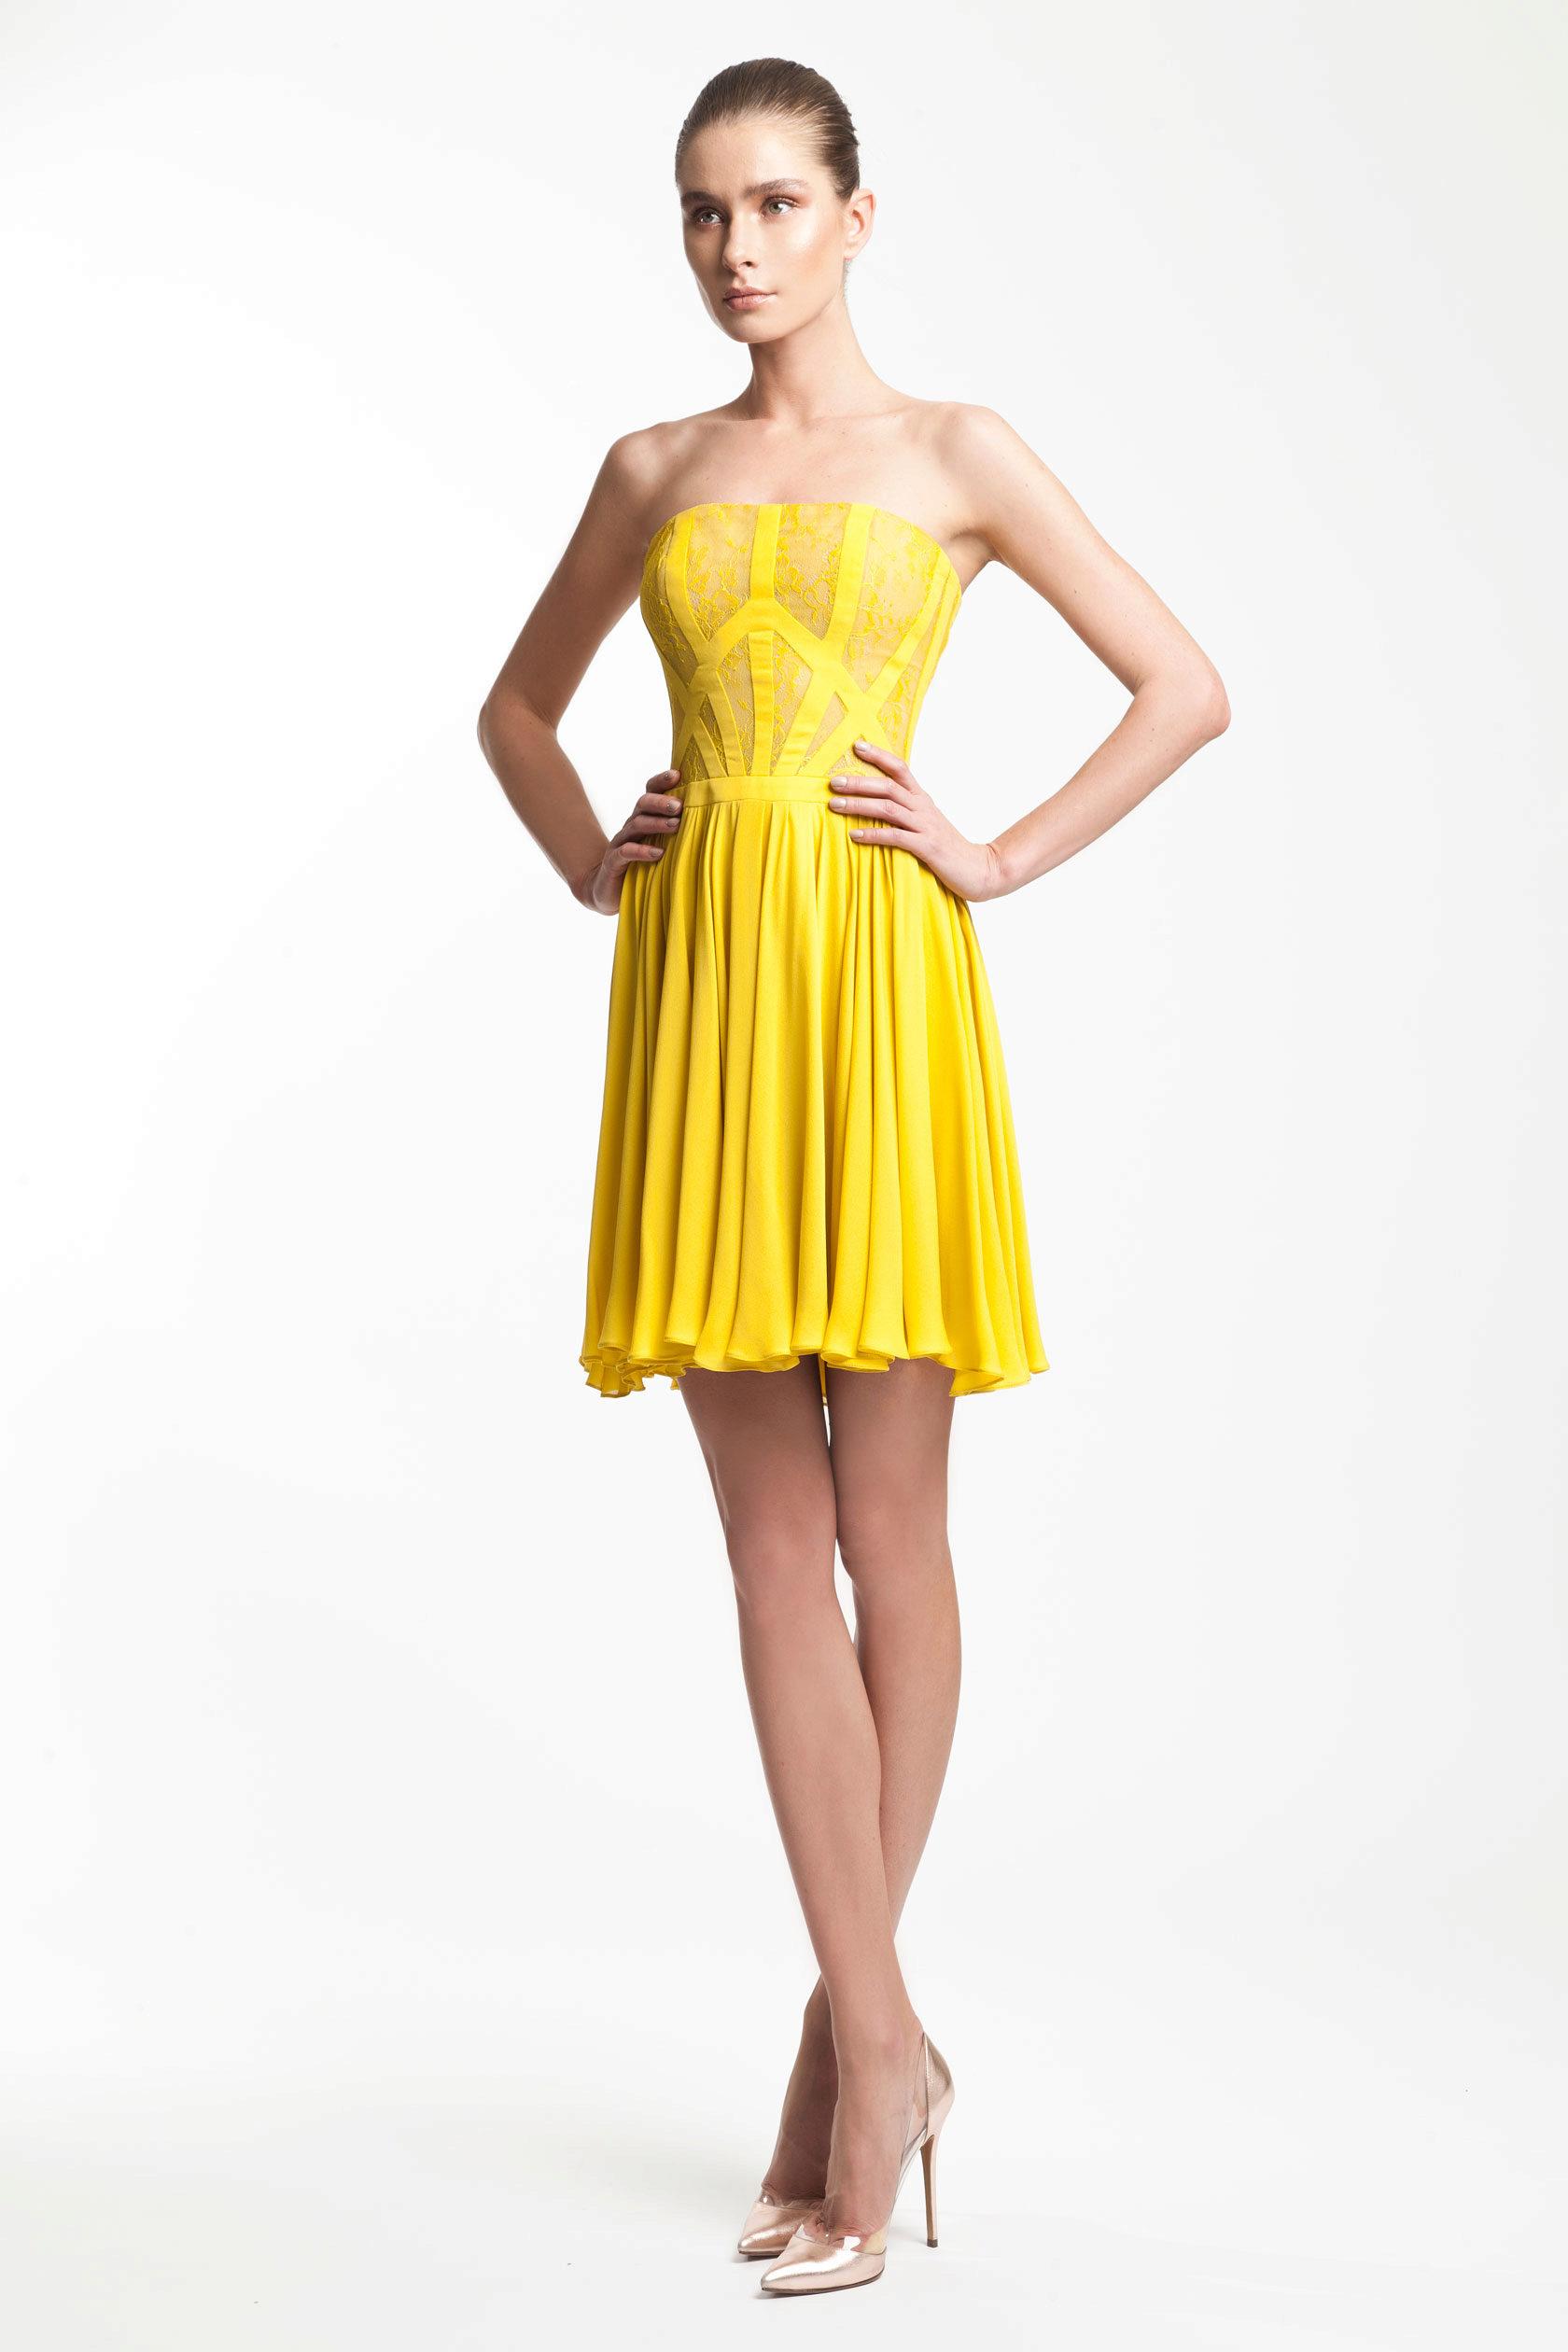 Τα φορέματα των θηκών έχουν γίνει μια πραγματική ανακάλυψη για τα κορίτσια  που δεν θέλουν να μοιάζουν με γκρίζα ποντίκια στο γραφείο τους ce3263b8c38